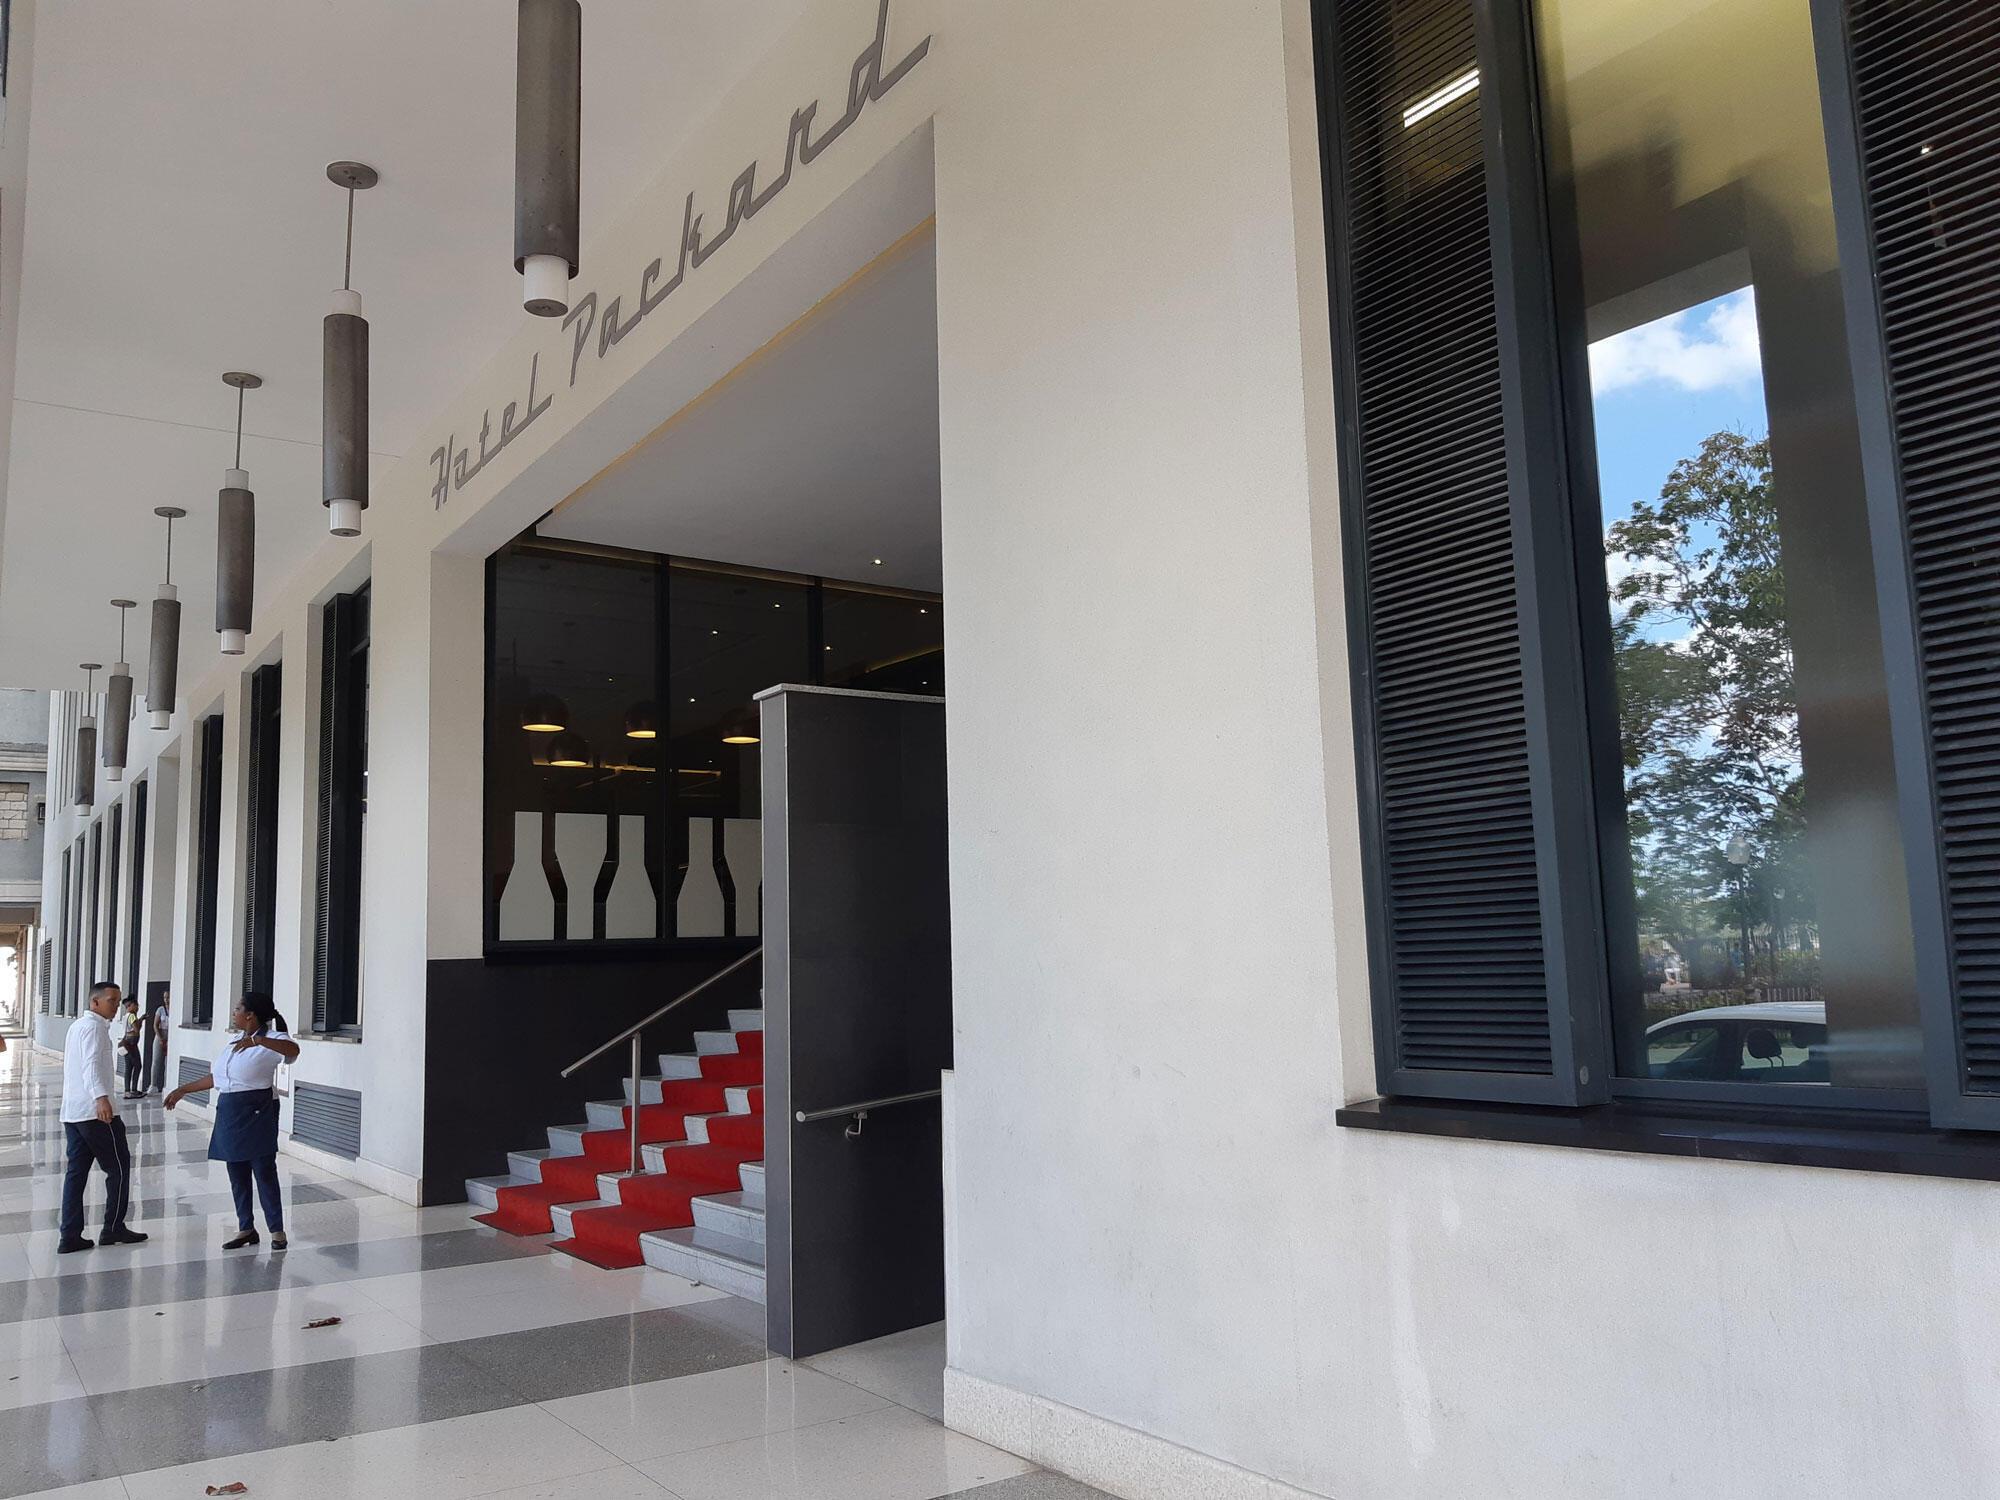 La Havane: l'hôtel Grand Packard construit par le groupe espagnol Iberostar a été inauguré par le président cubain Miguel Diaz Canel en octobre dernier.